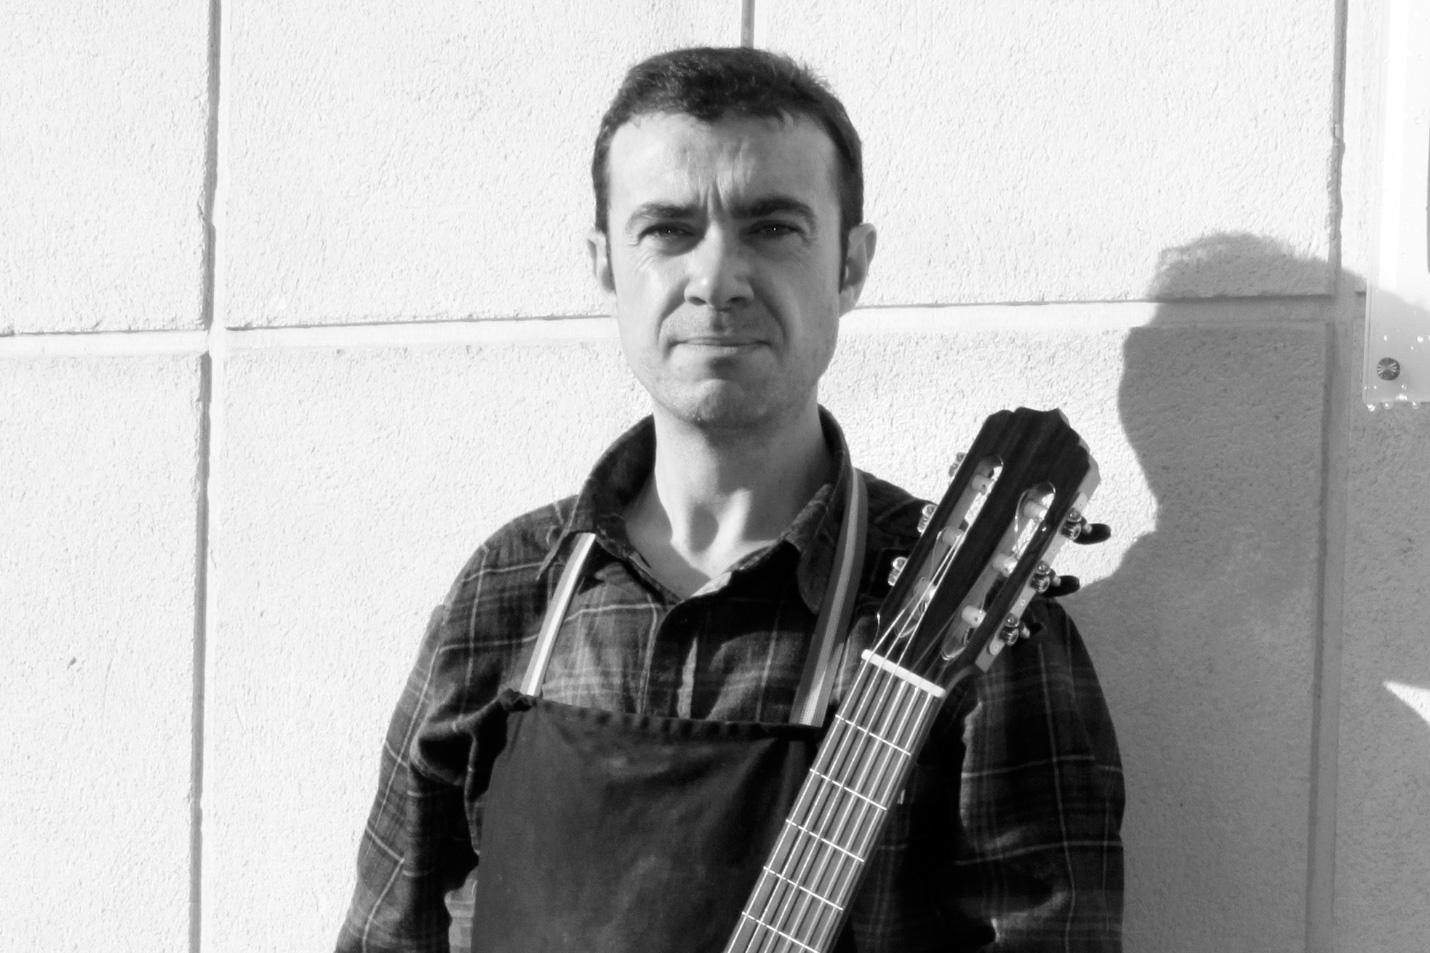 Rafael-fuentes-guitar-maker